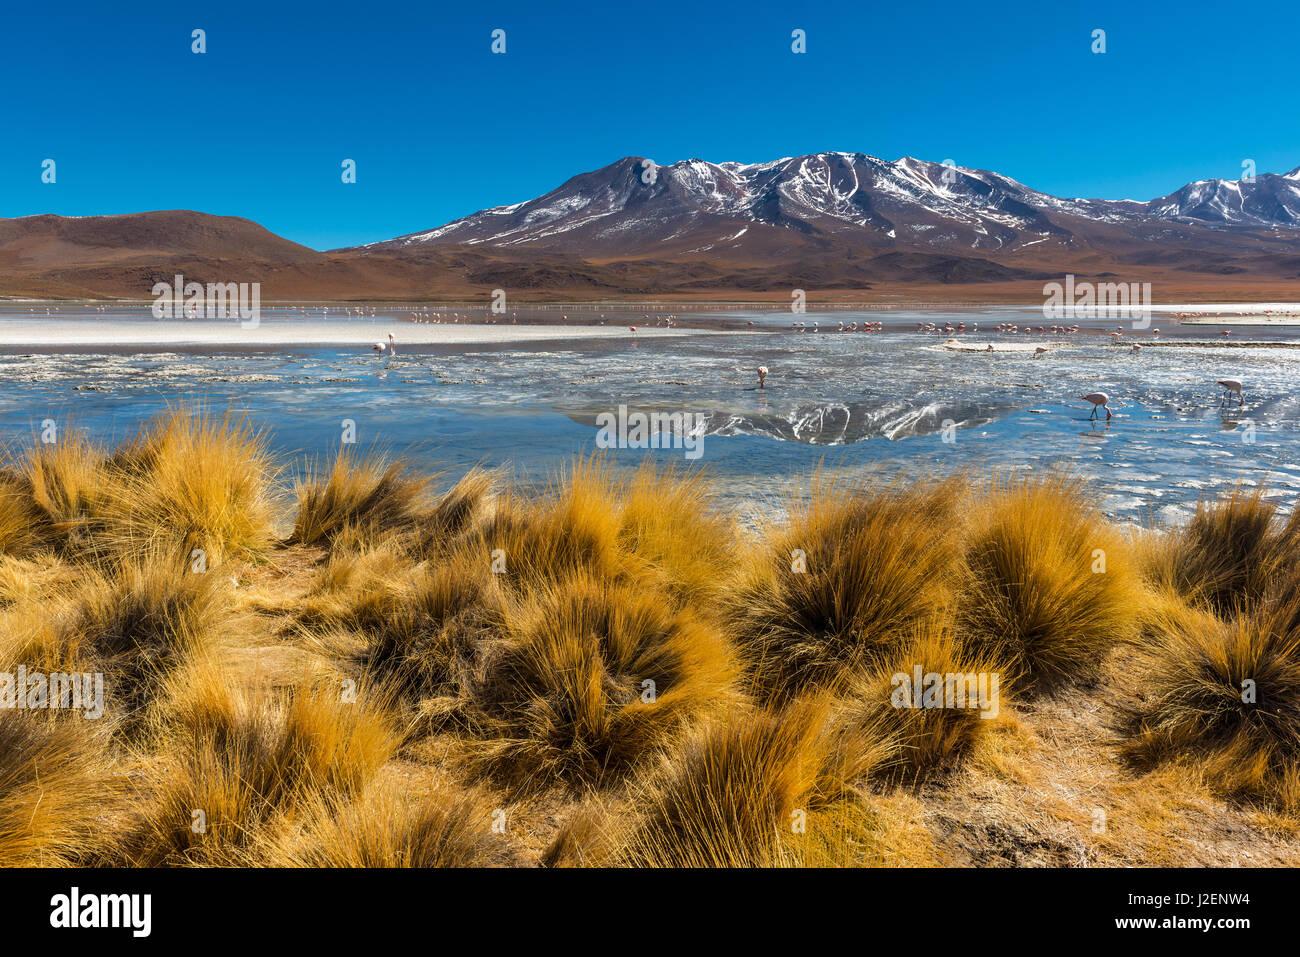 Anden Grass und einen hoch gelegenen See mit Anden und chilenische Flamingos in der Gebirgskette der Anden von Bolivien Stockbild